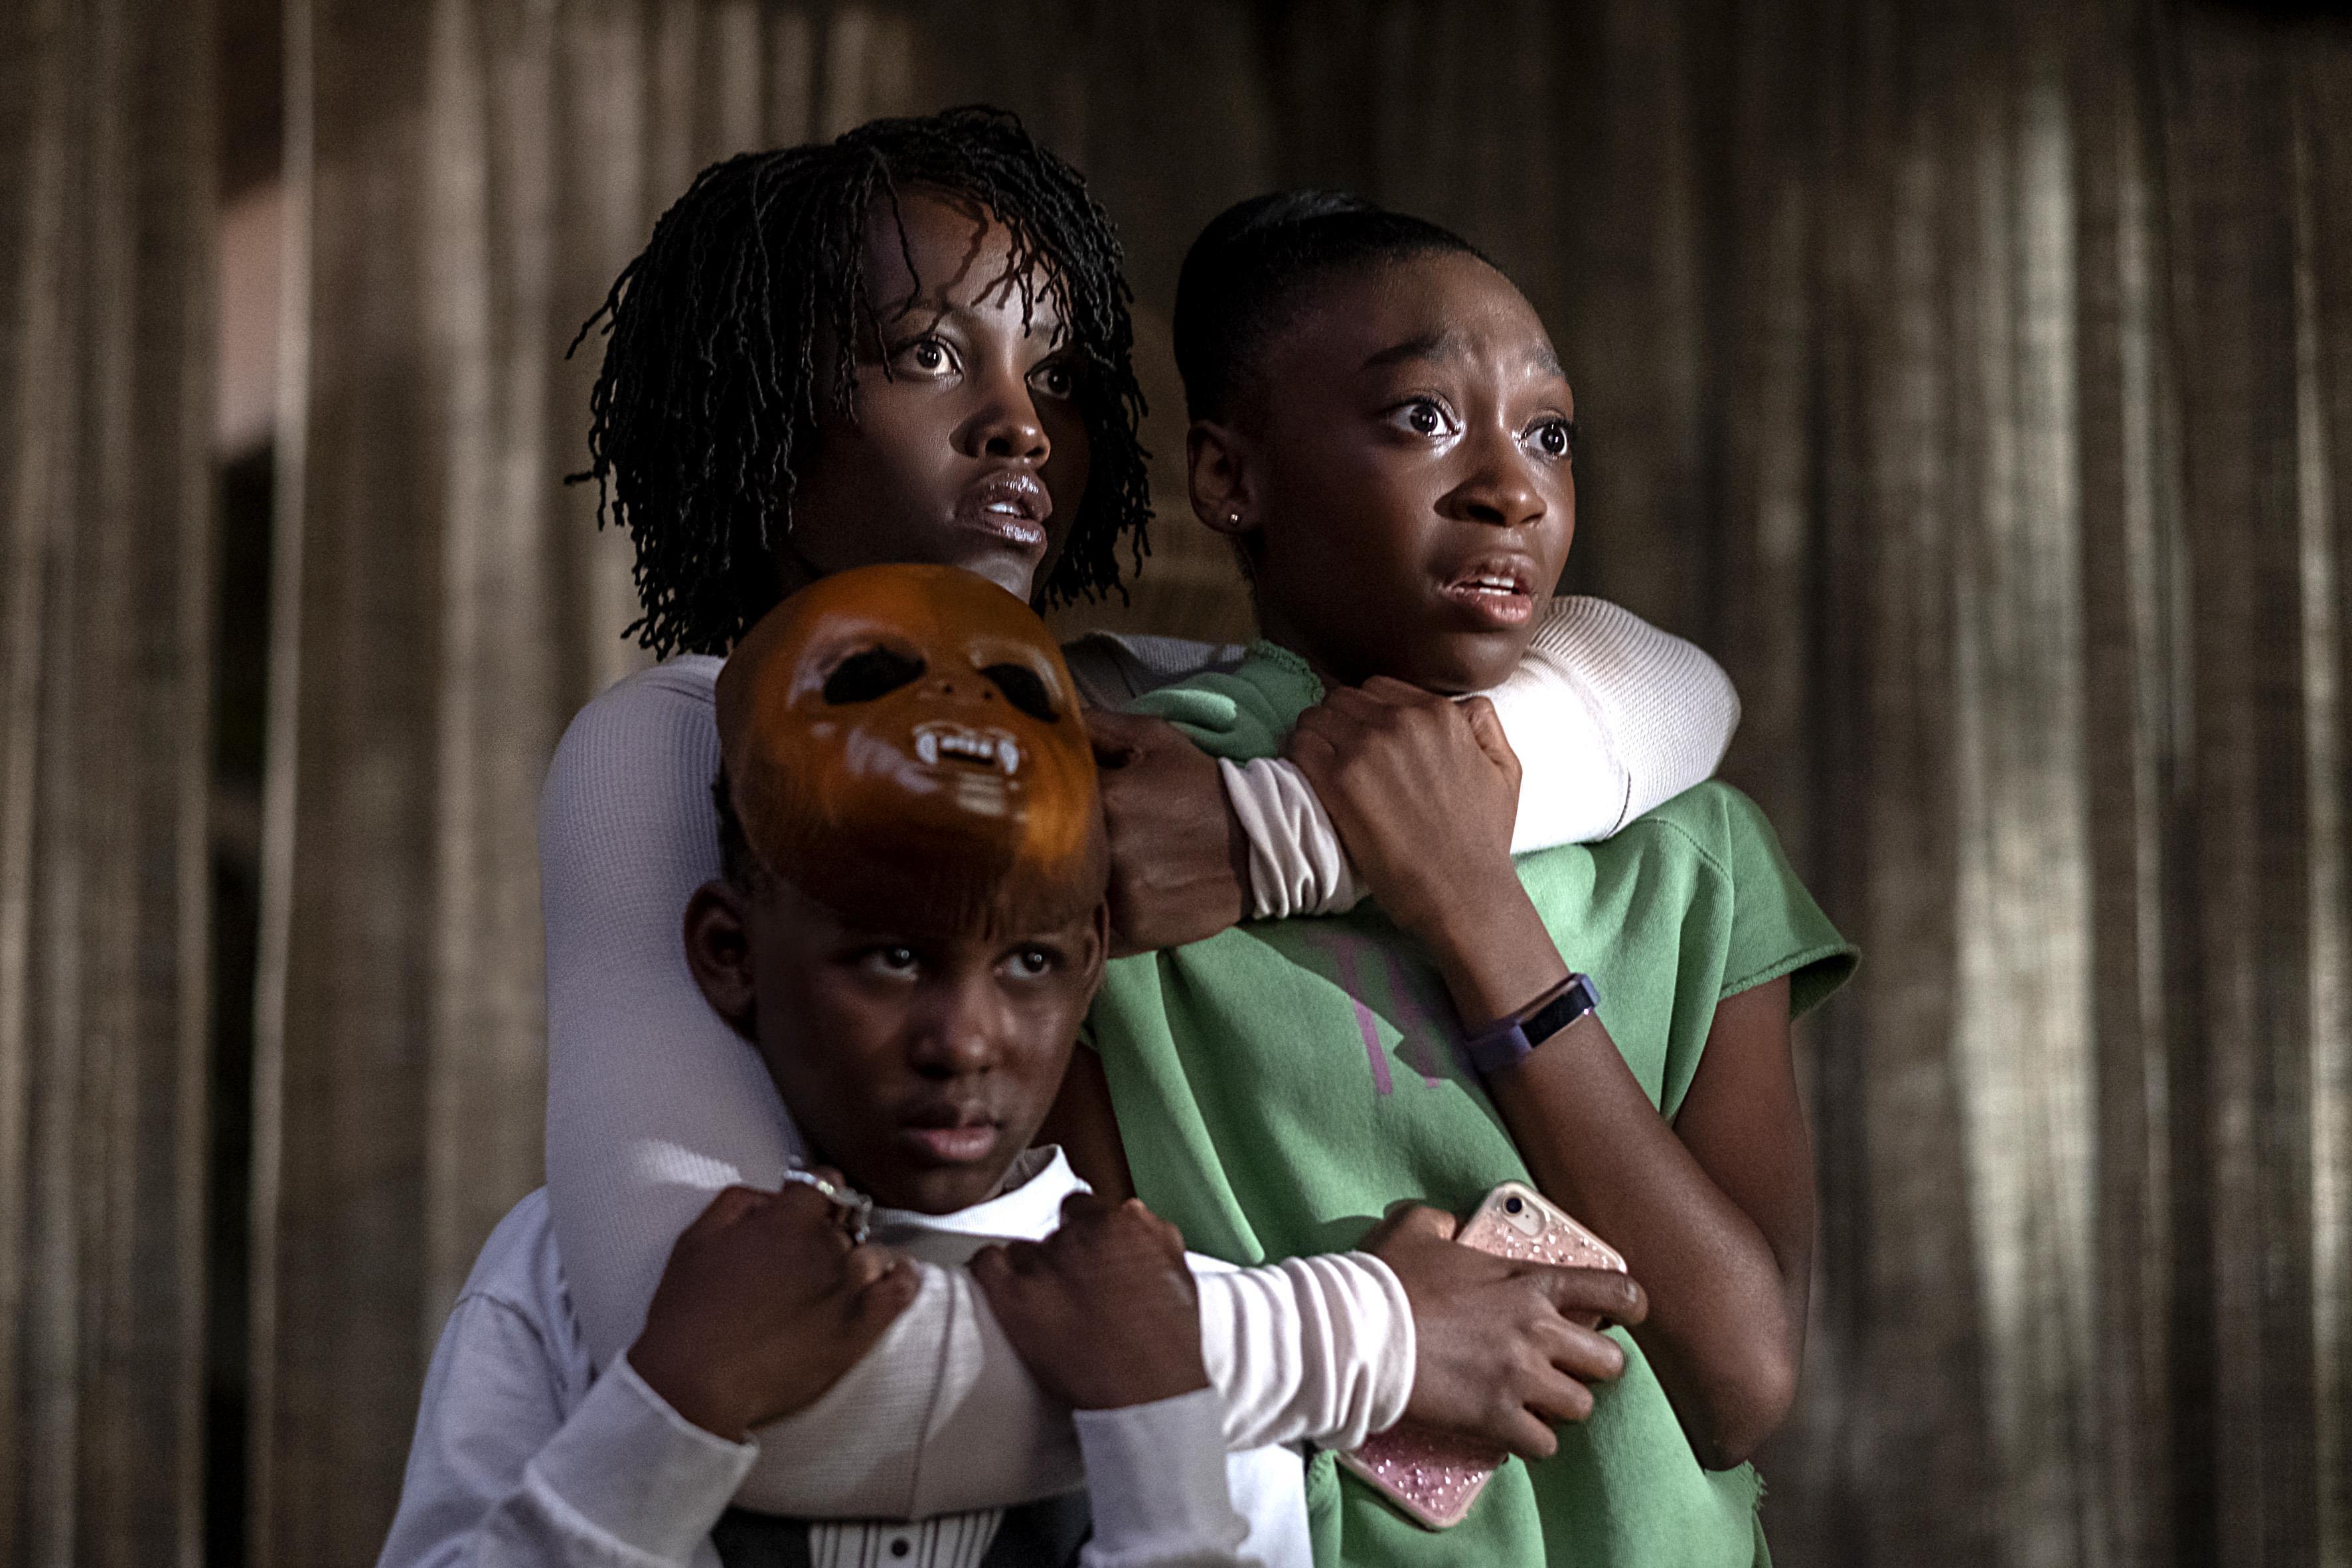 """Une scène du film """"Us"""", le nouveau thriller de Jordan Peel. © Universal Pictures International France / Universal Pictures / Monkeypaw Productions / QC Entertainment"""